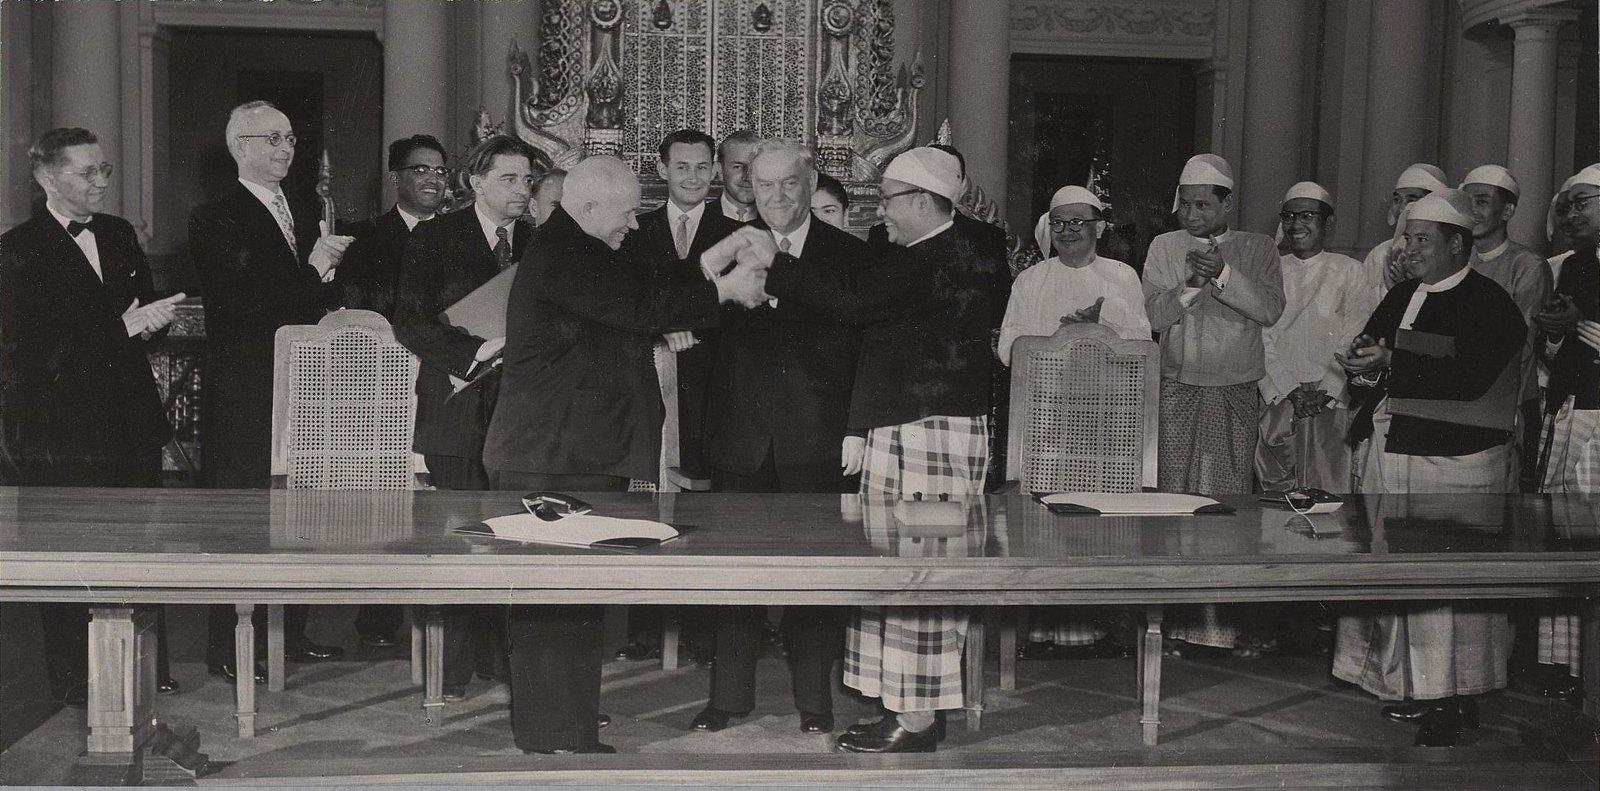 07. Подписание совместног заявления в Рангуне. Н.С. Хрущёв и У Ну приветствуют друг друга